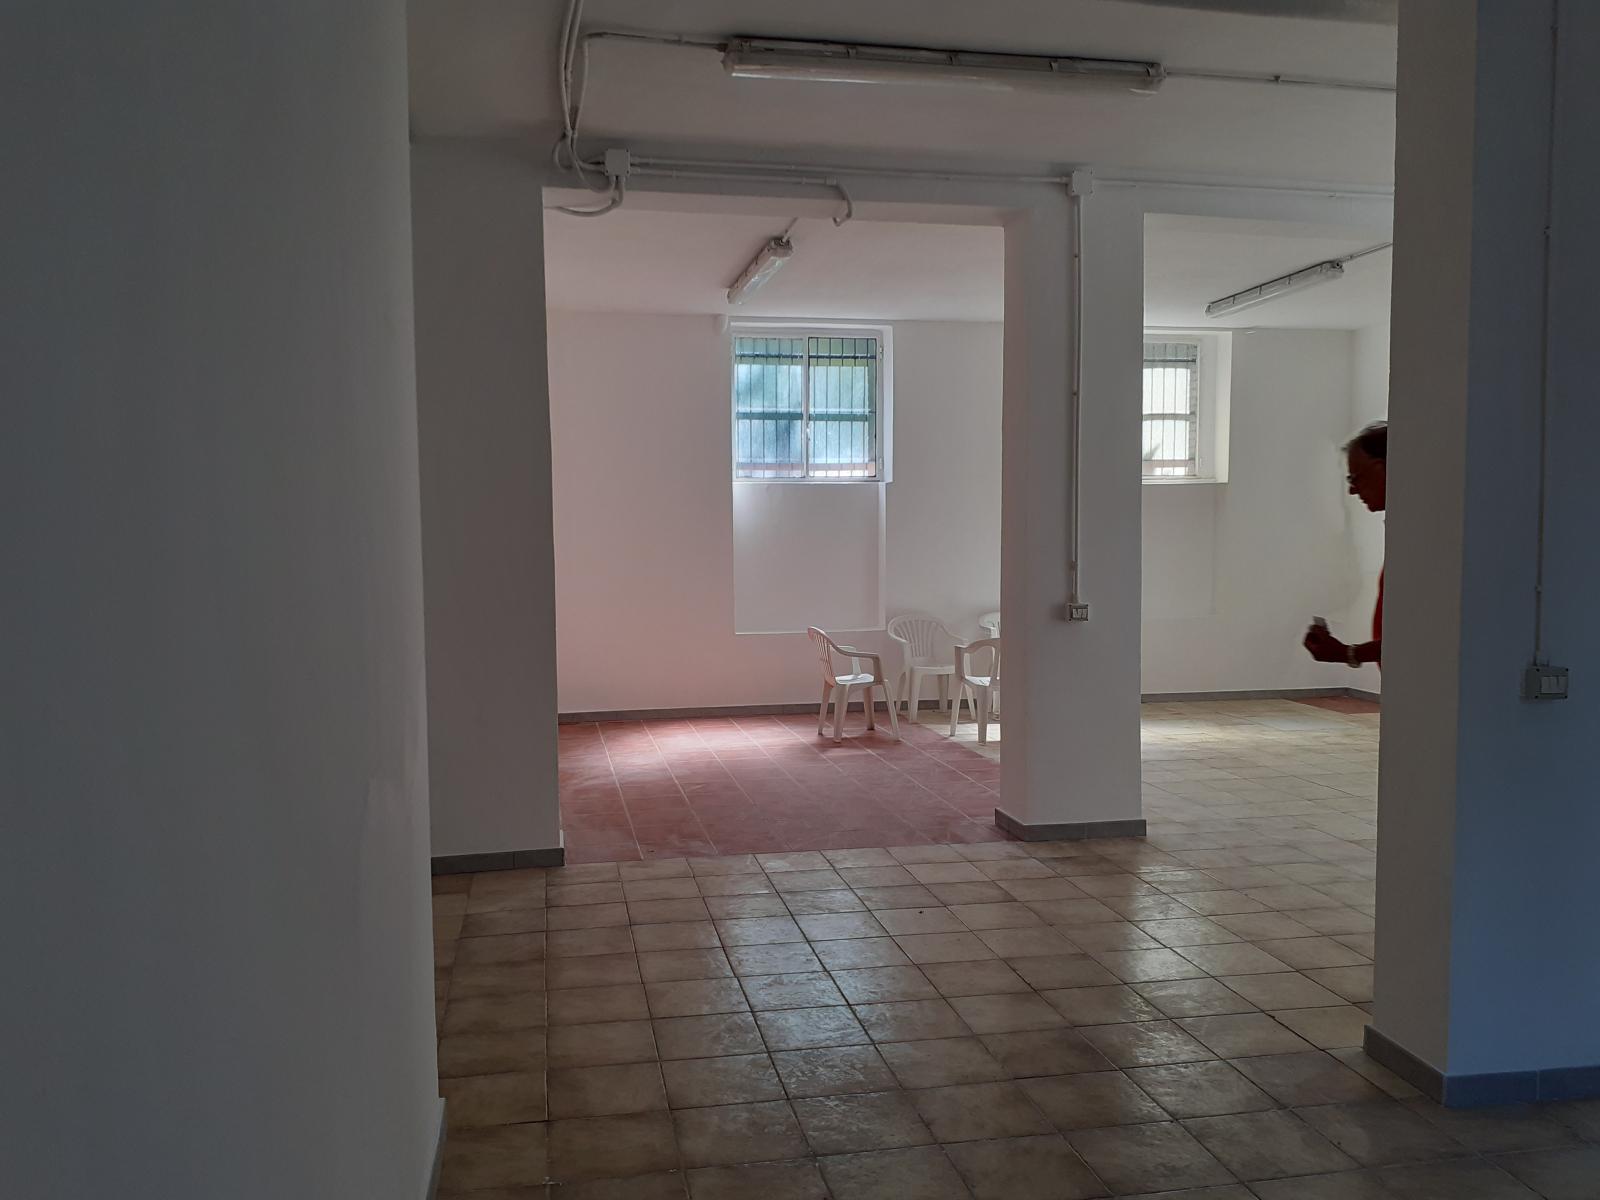 laboratorio-magazzino-in-vendita-affitto-a-baggio-milano-spaziourbano-immobiliare-vende-affitta-1